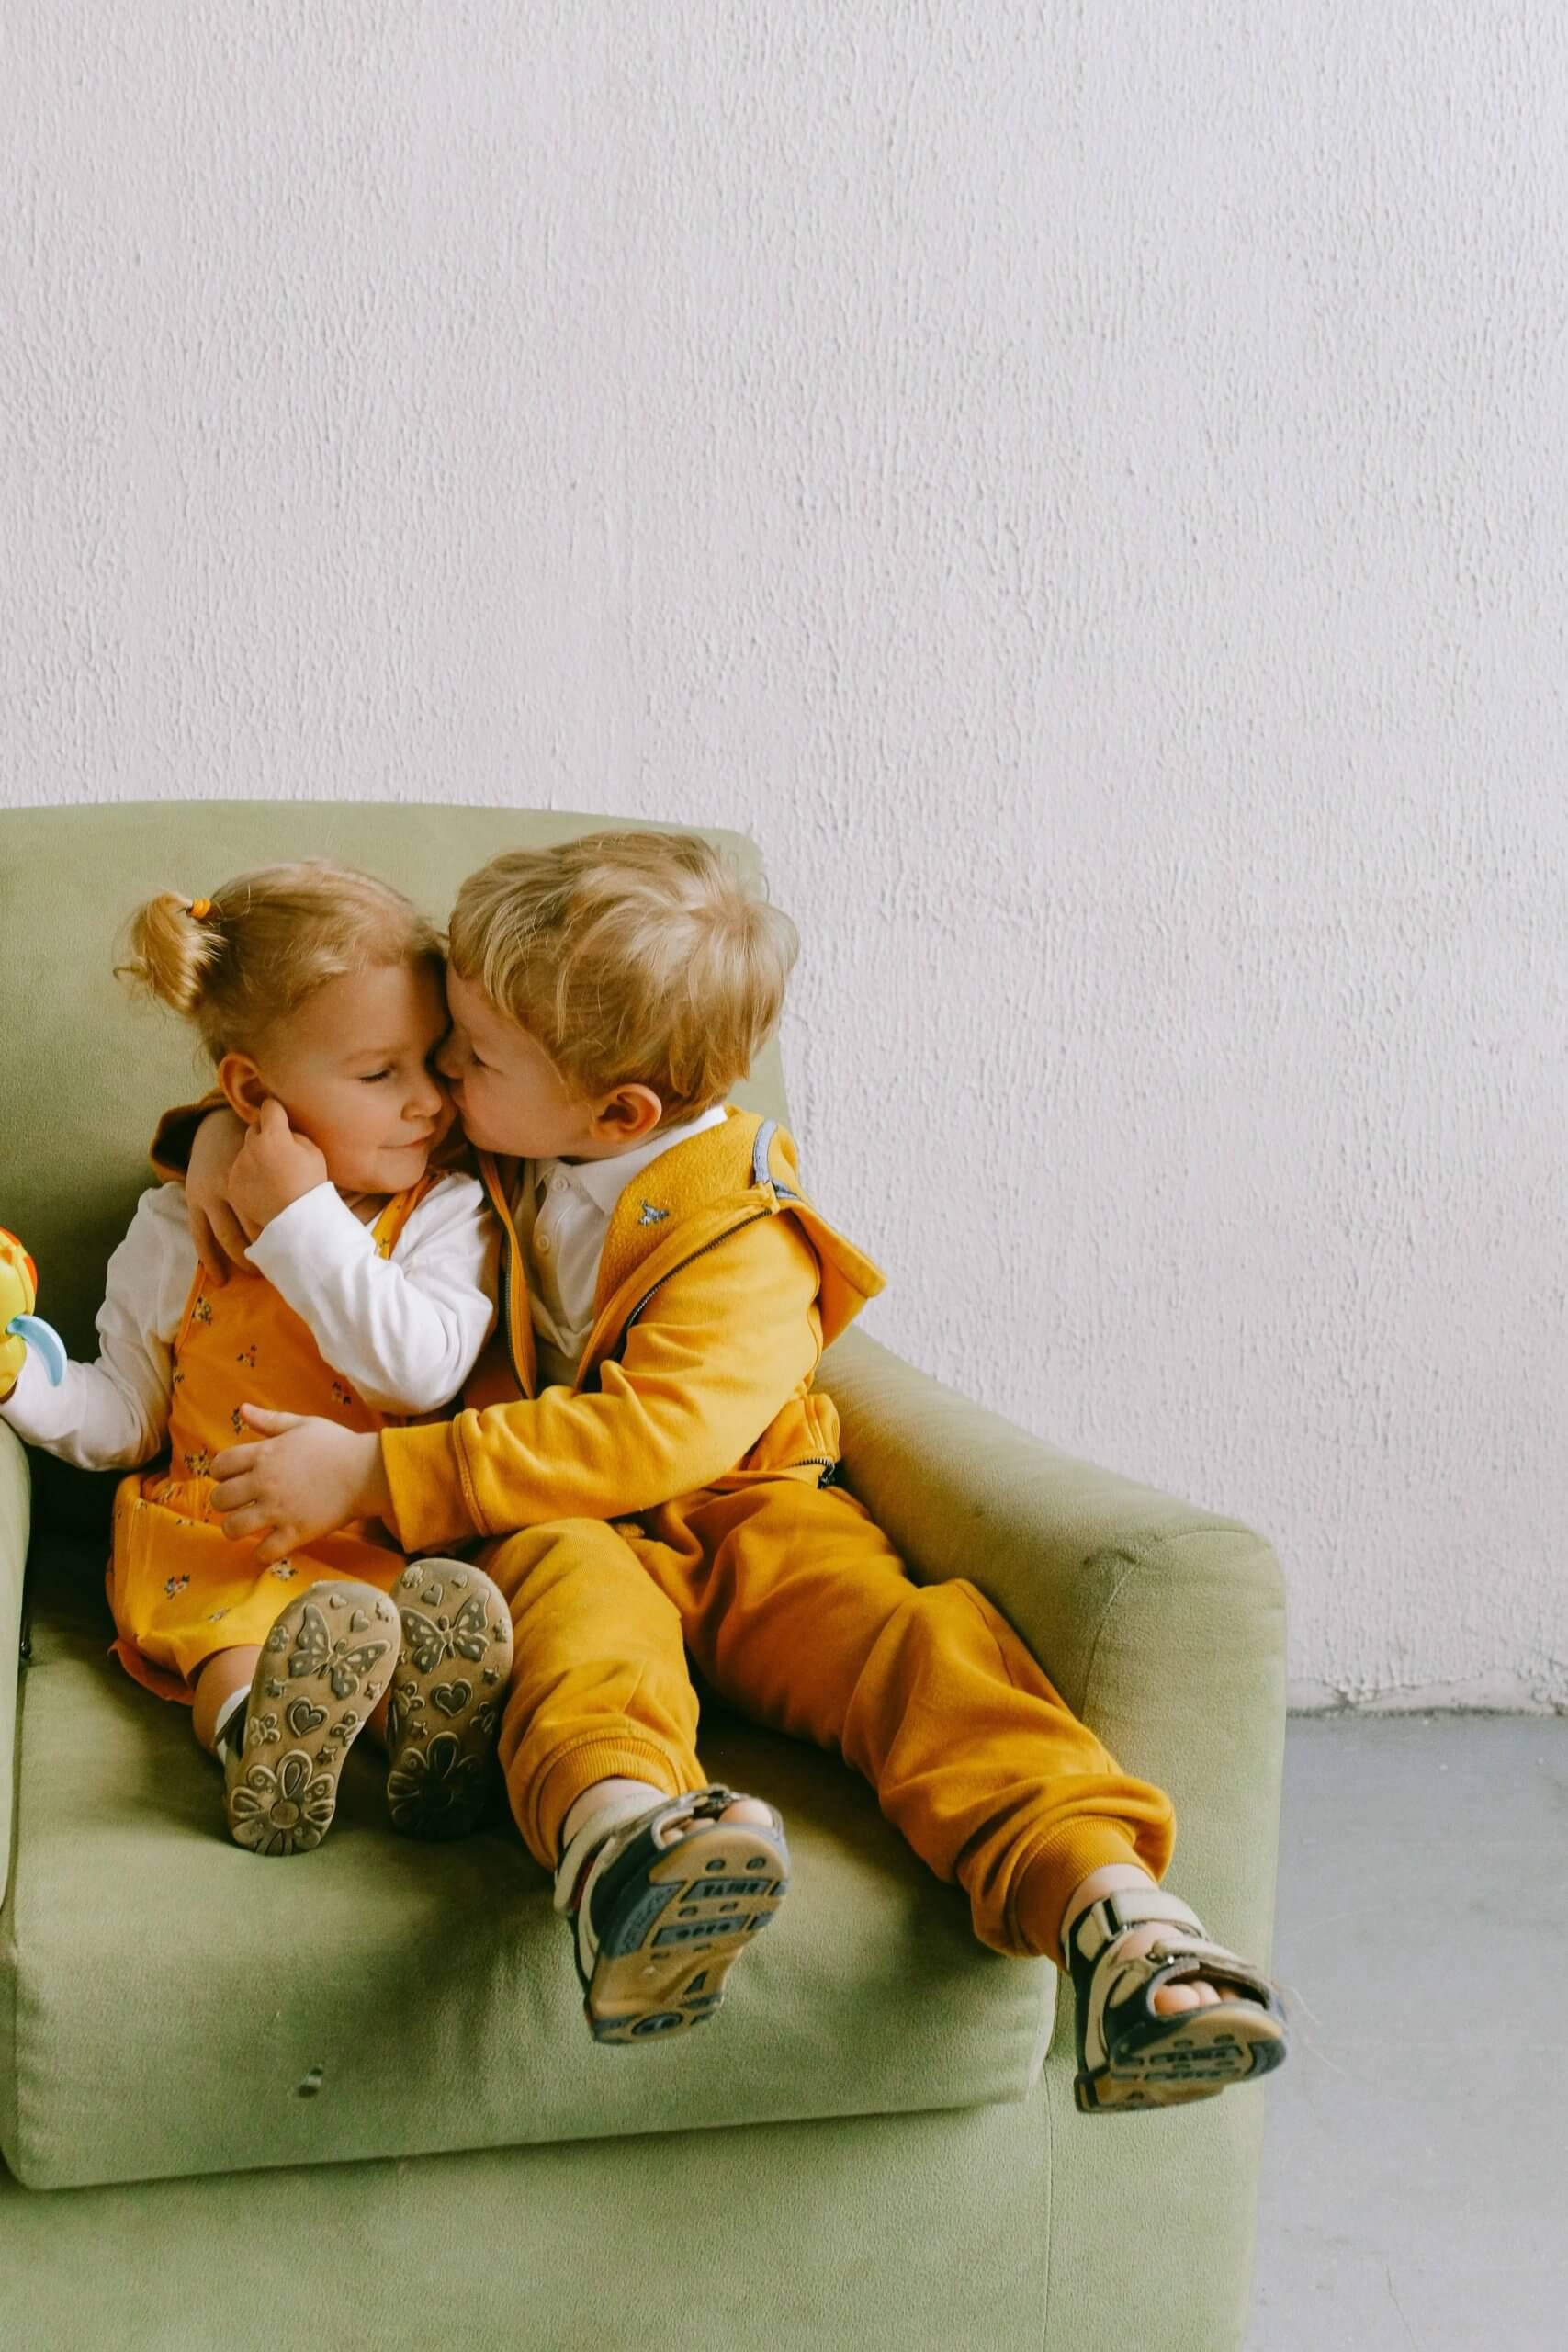 menino a dar um beijinho a menina sentados num sofá verde